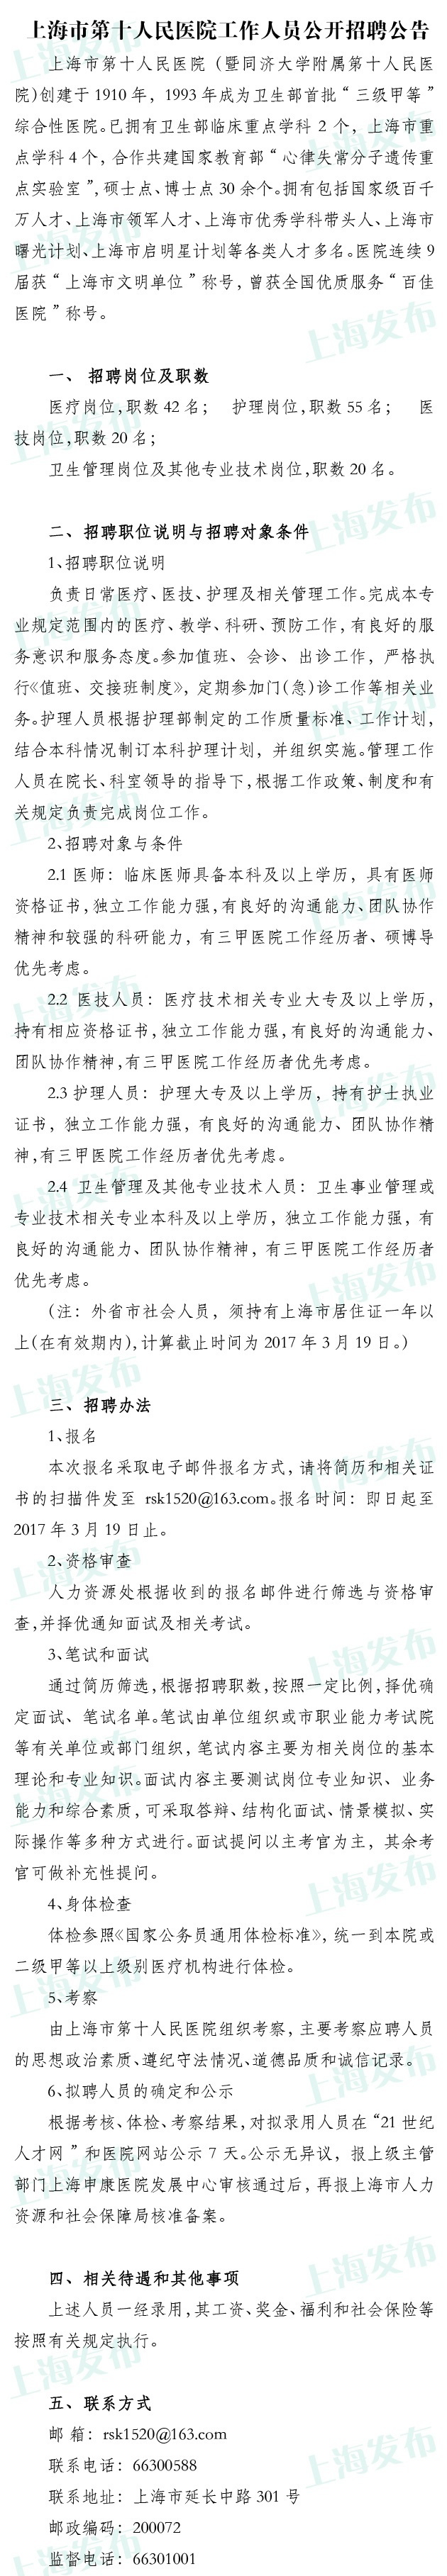 上海第十人民医院拟招137名工作人员 报名启动